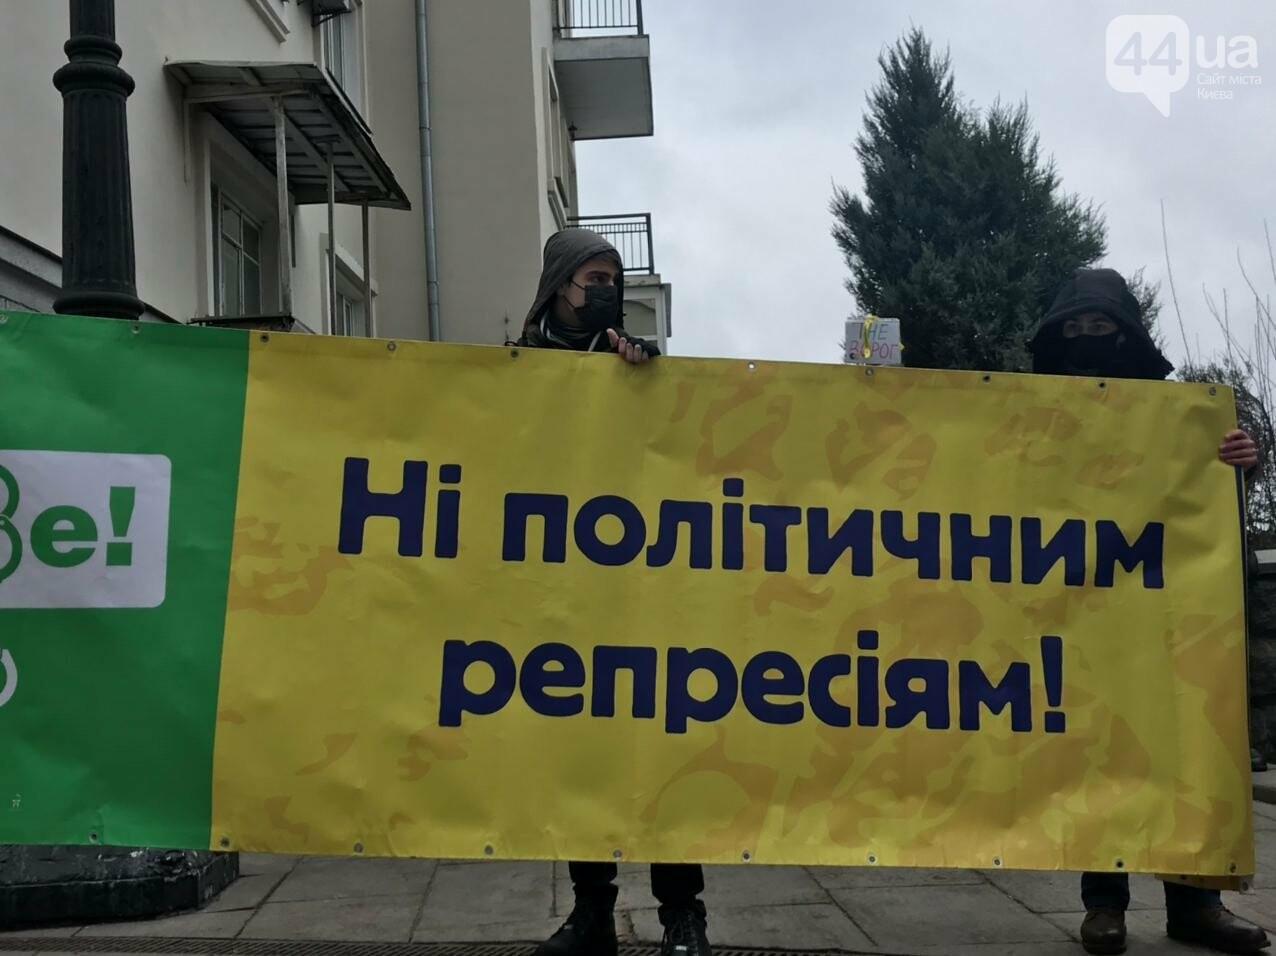 Перекрытые улицы и люди в форме: в Киеве готовятся к новым протестам из-за суда над Стерненко, фото-3